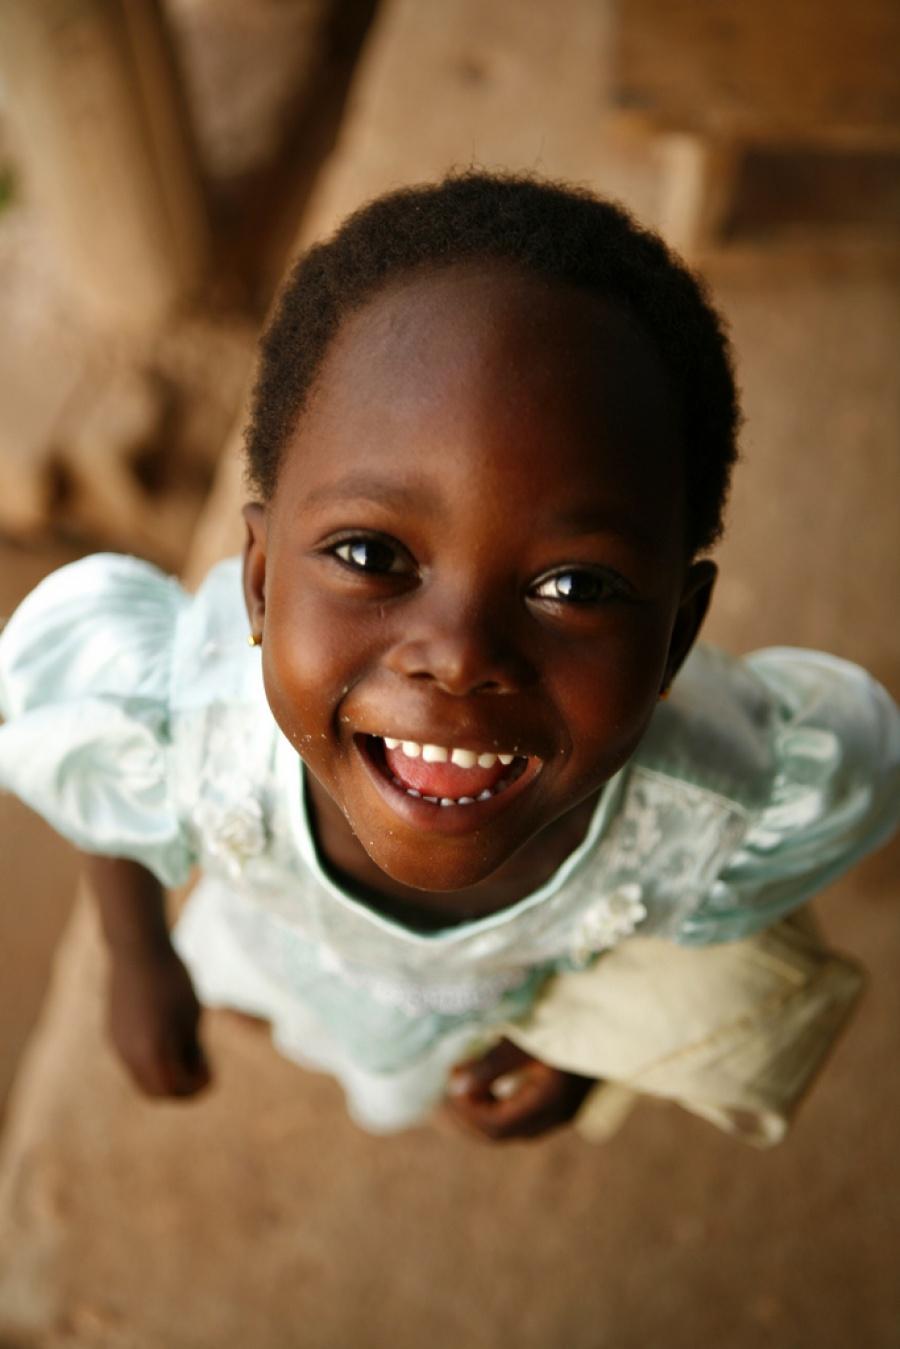 15фотографий ссамыми солнечными улыбками совсего мира